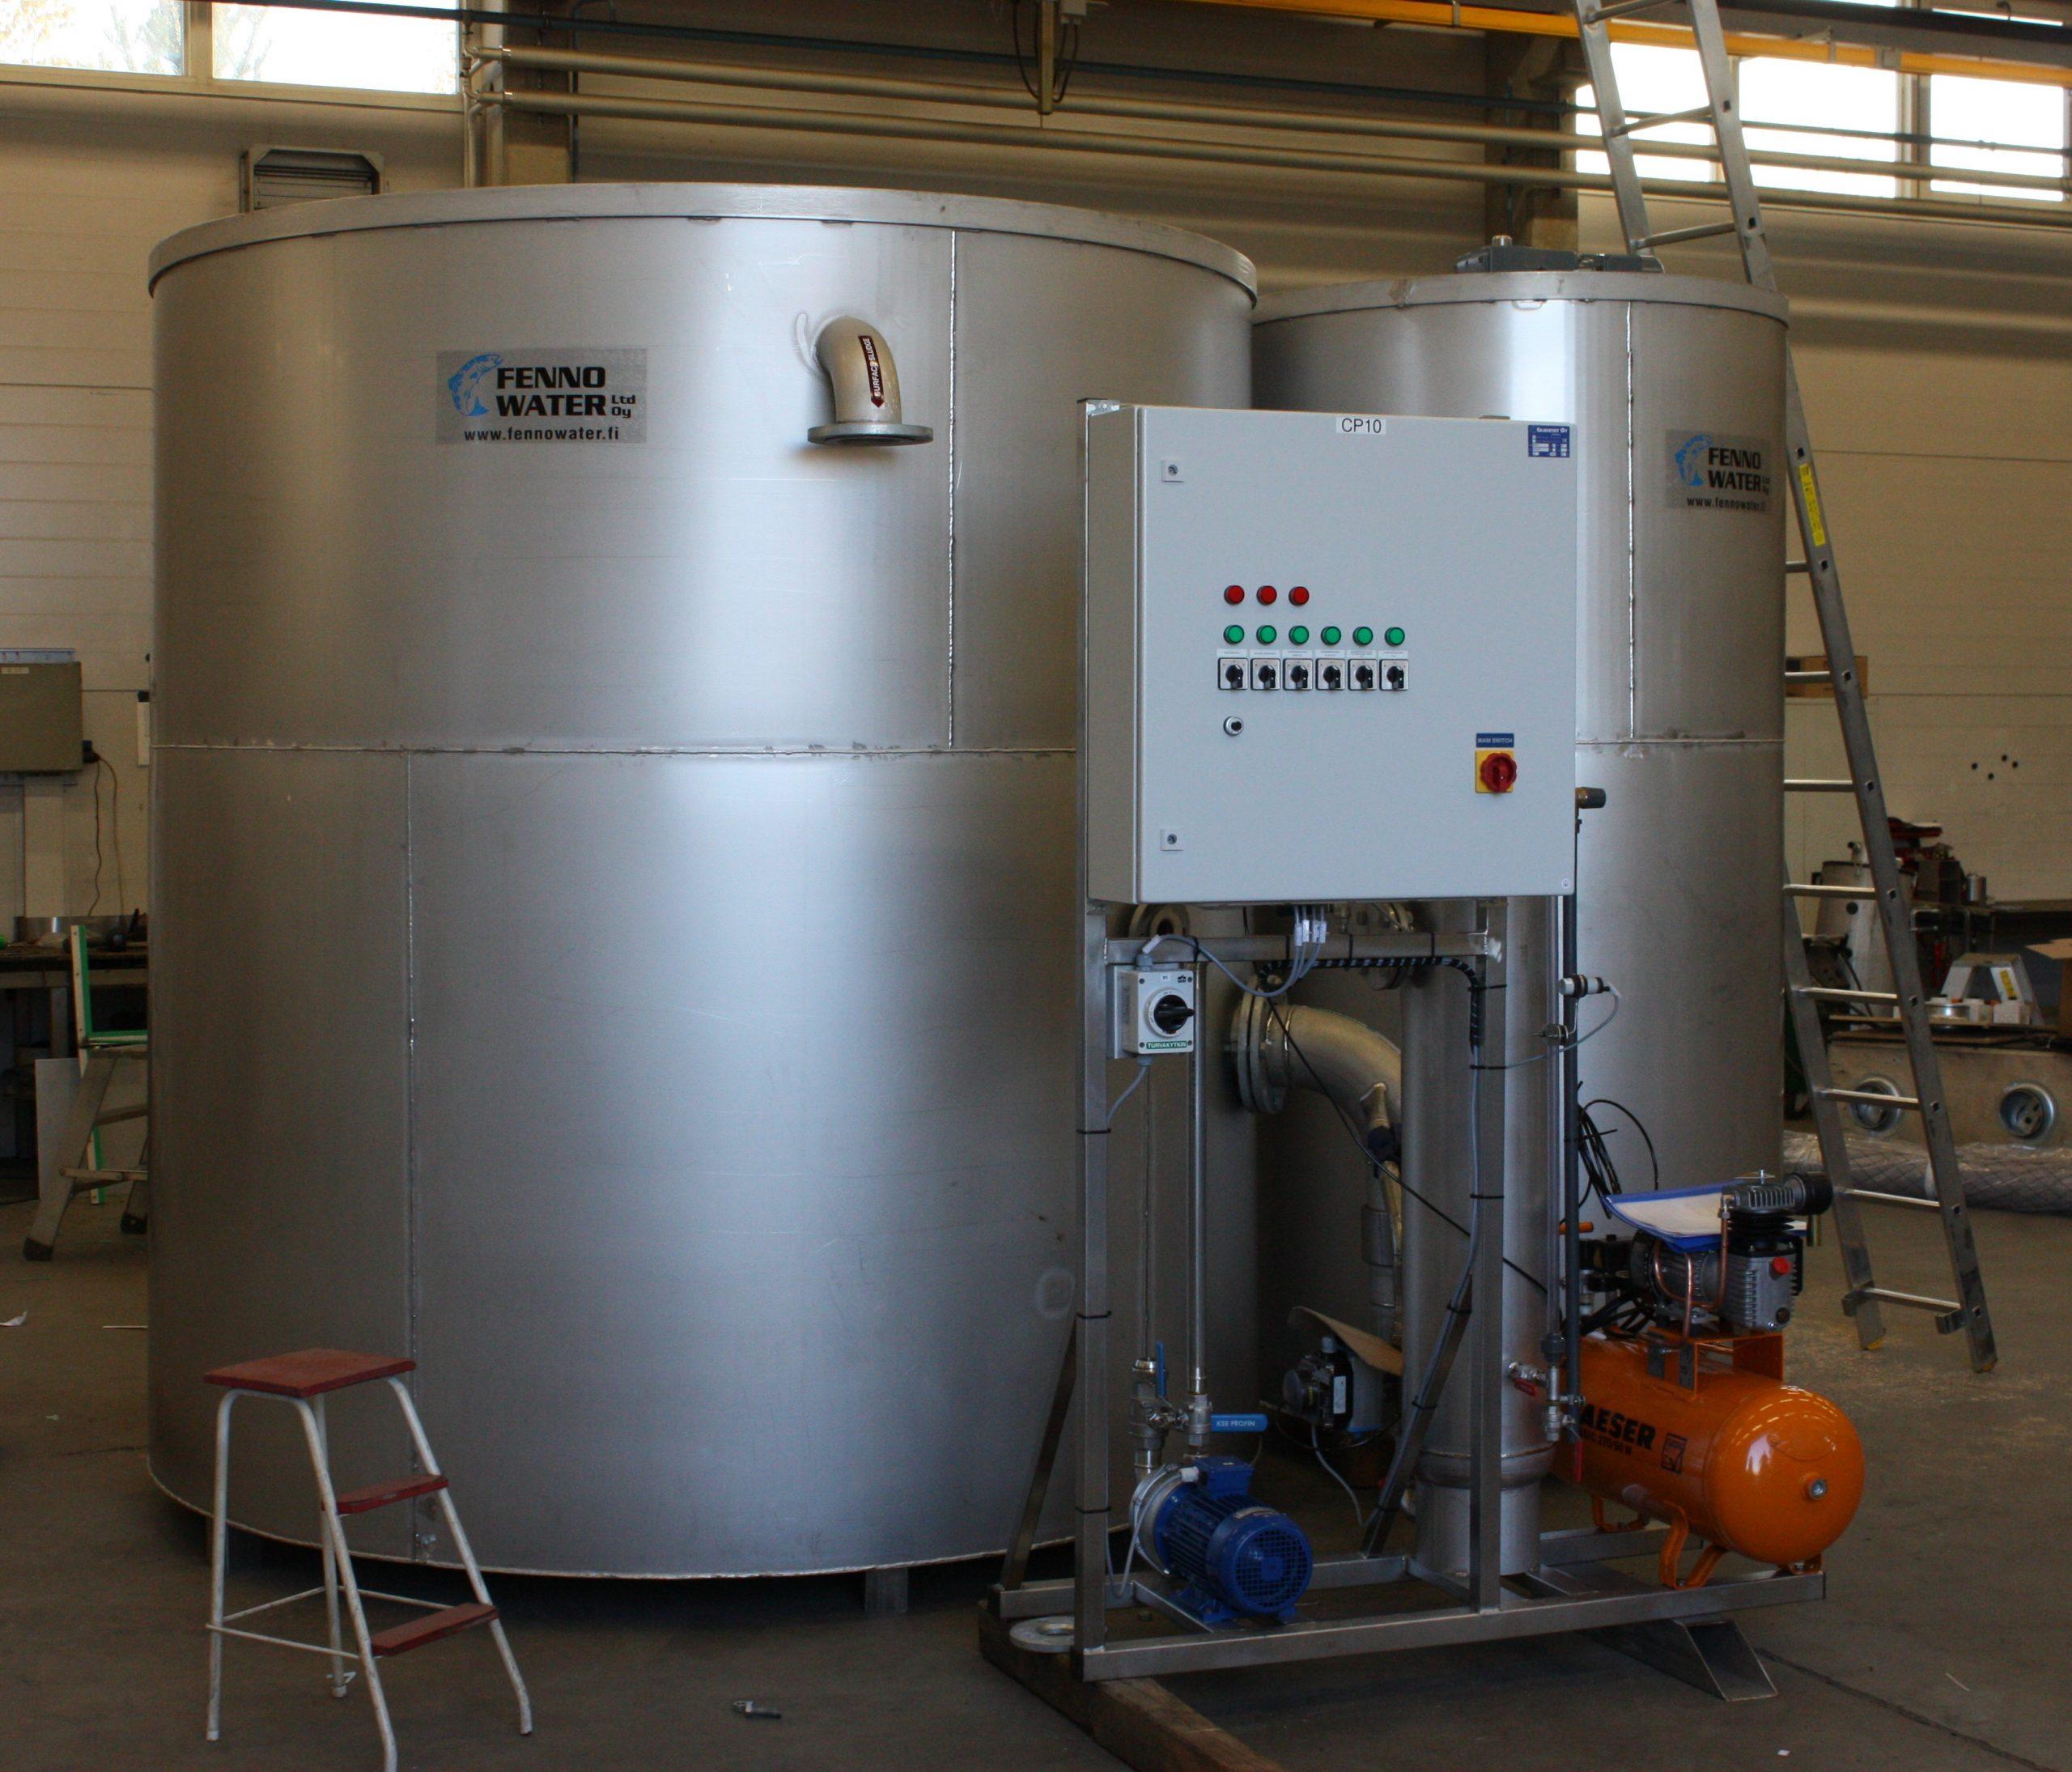 Product image: Round flotation units